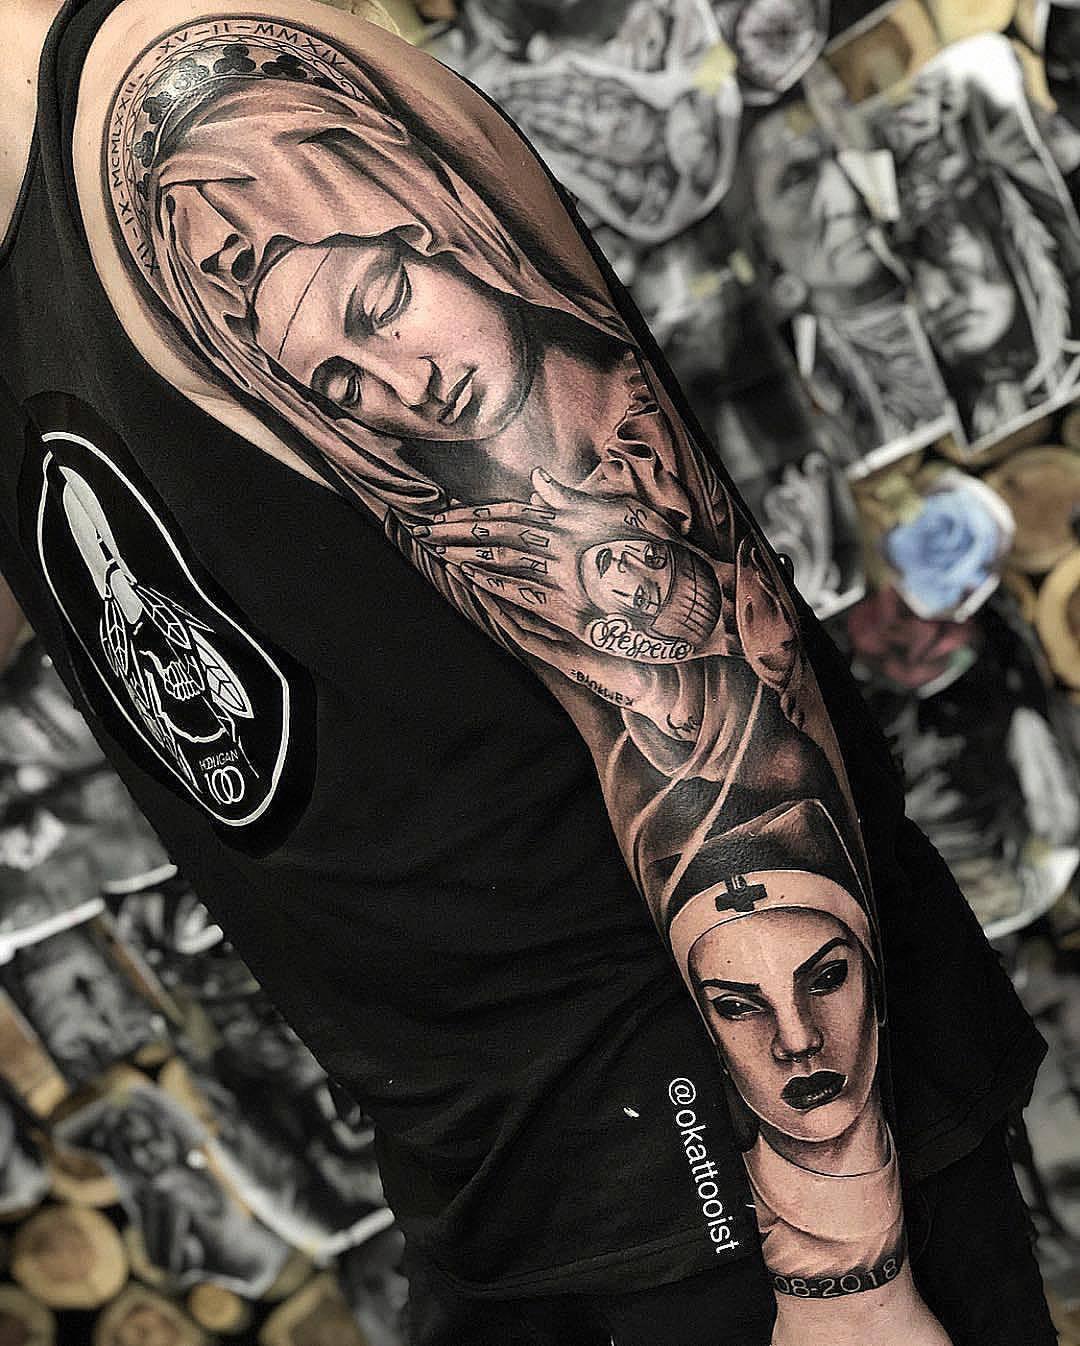 Nurse Tattoo Sleeve : nurse, tattoo, sleeve, Amazing, Artist, Tattooist, @okatattooist, Awesome...